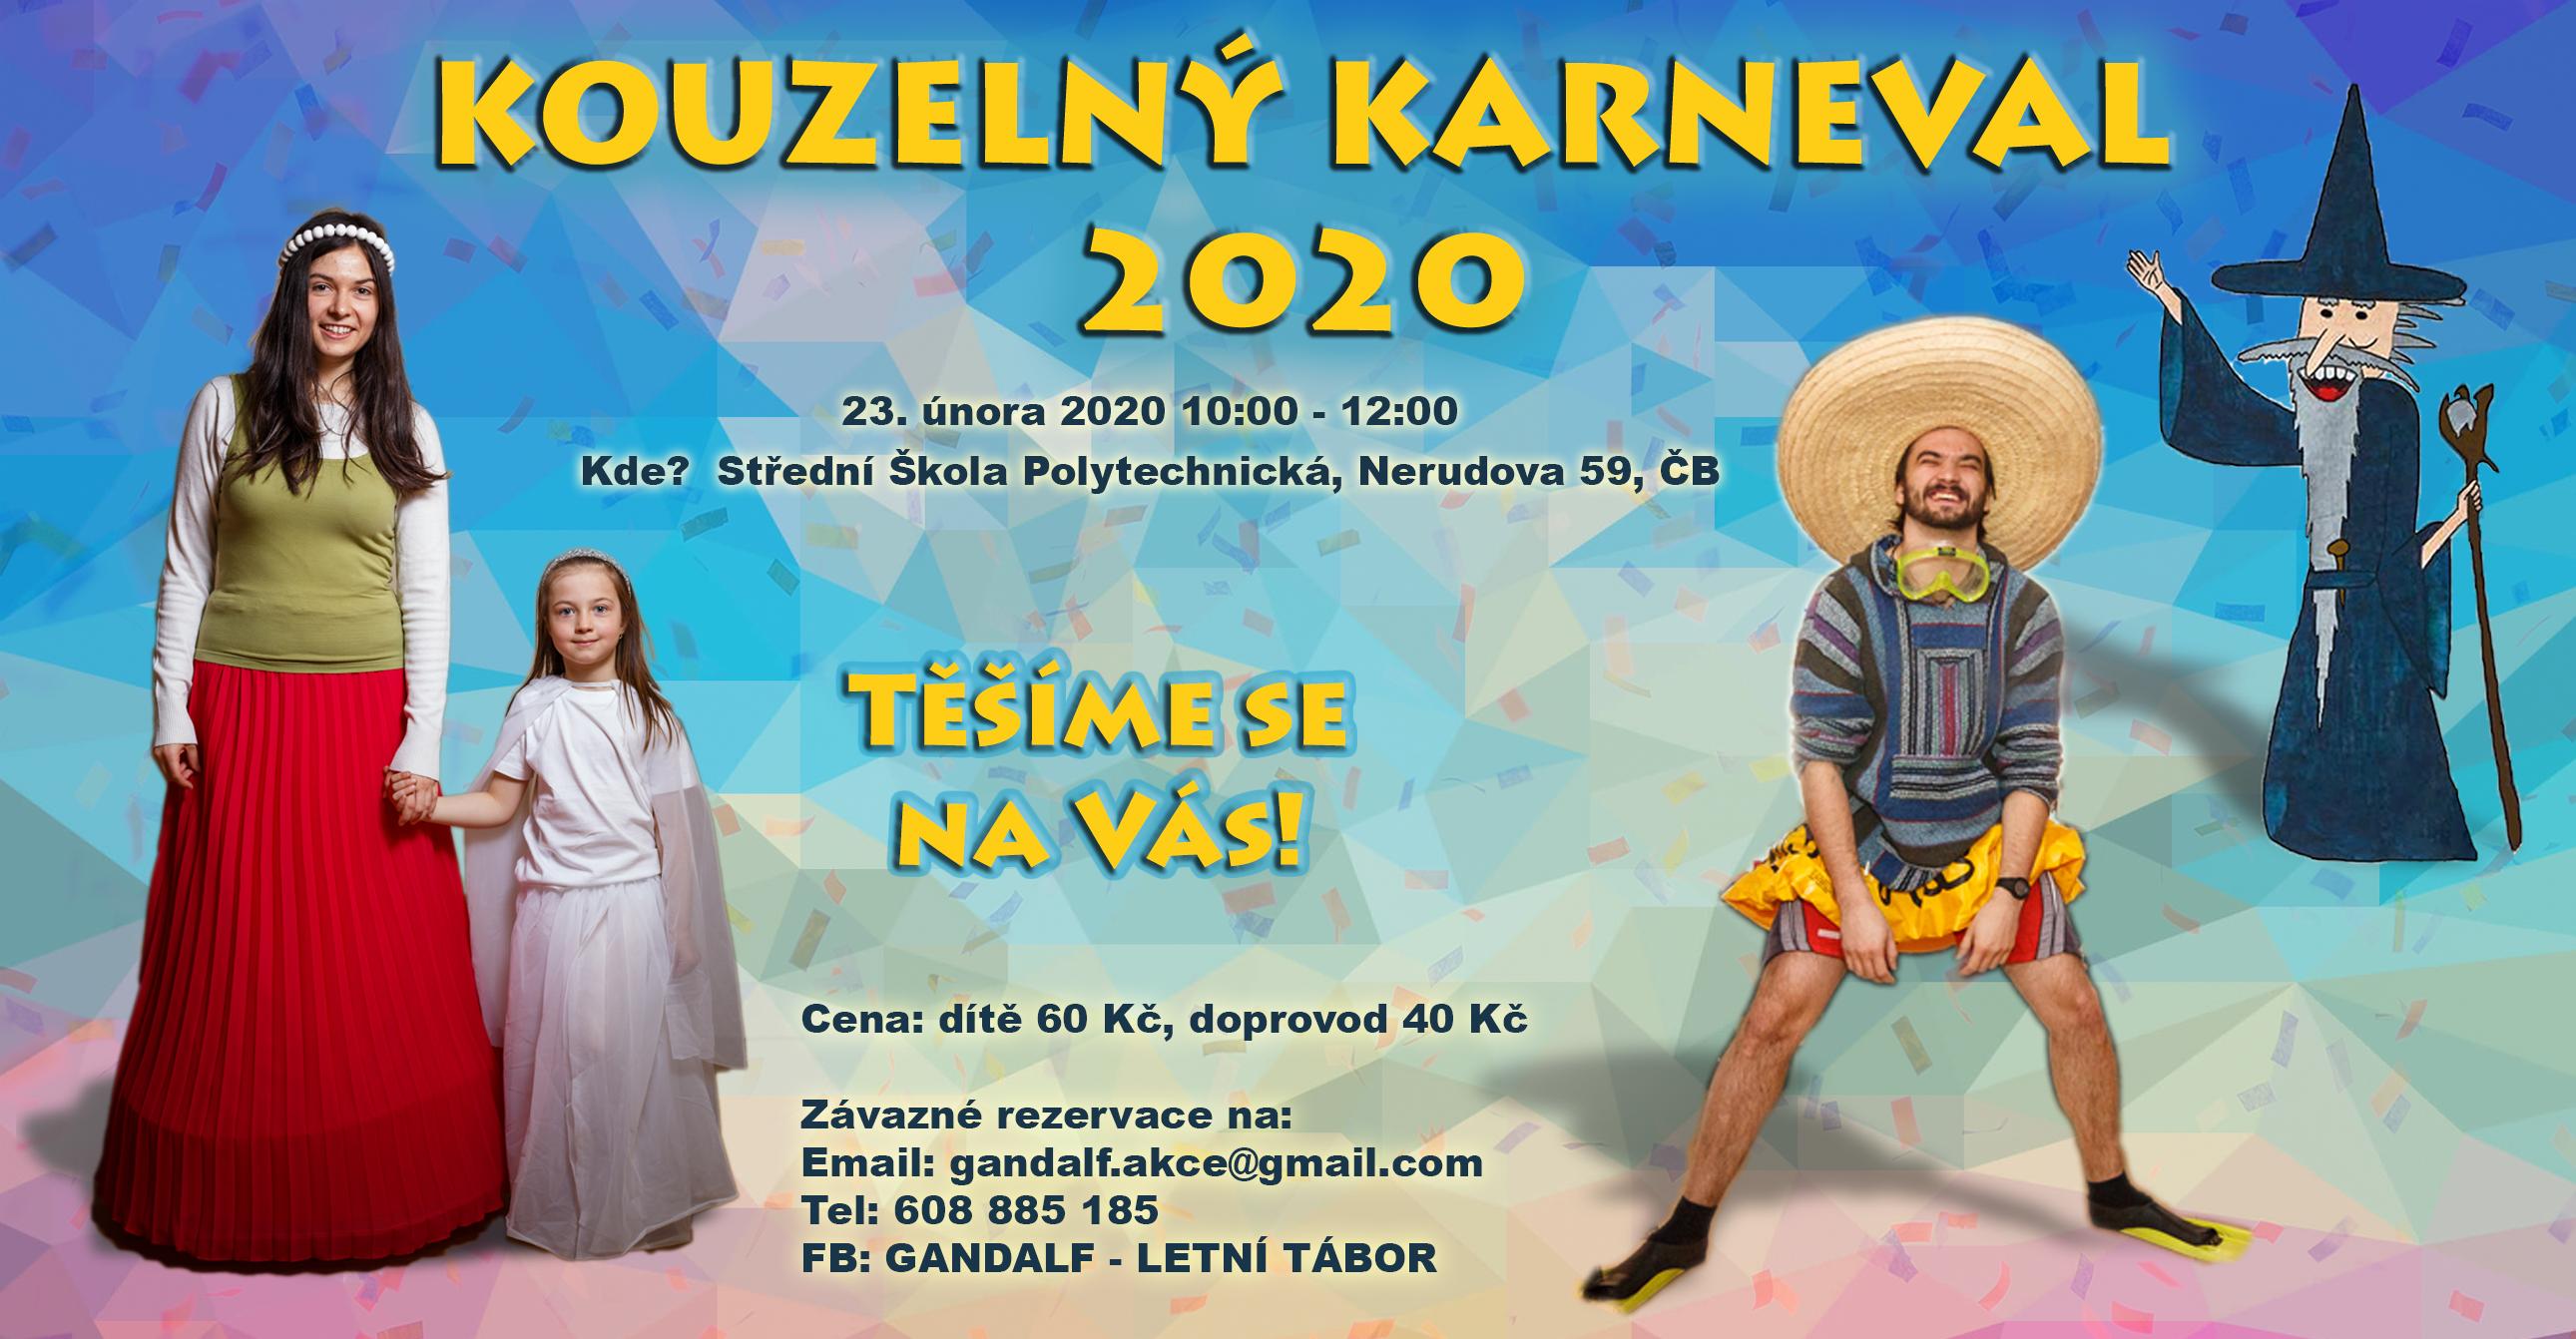 Gandalfí karneval 2020 @ Střední škola polytechnická